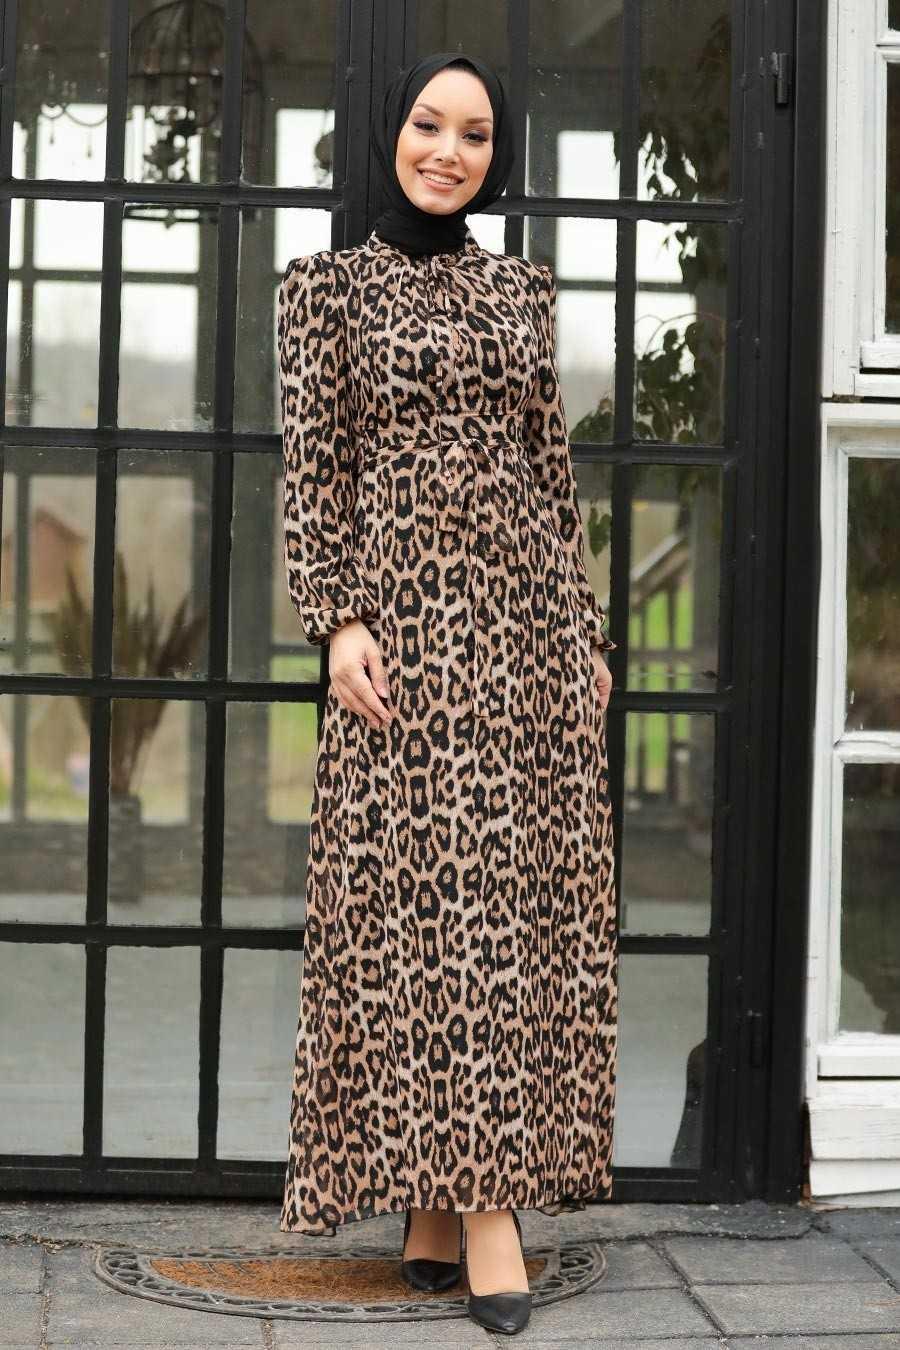 Leopar Desenli Neva Style Desenli Elbise Modelleri